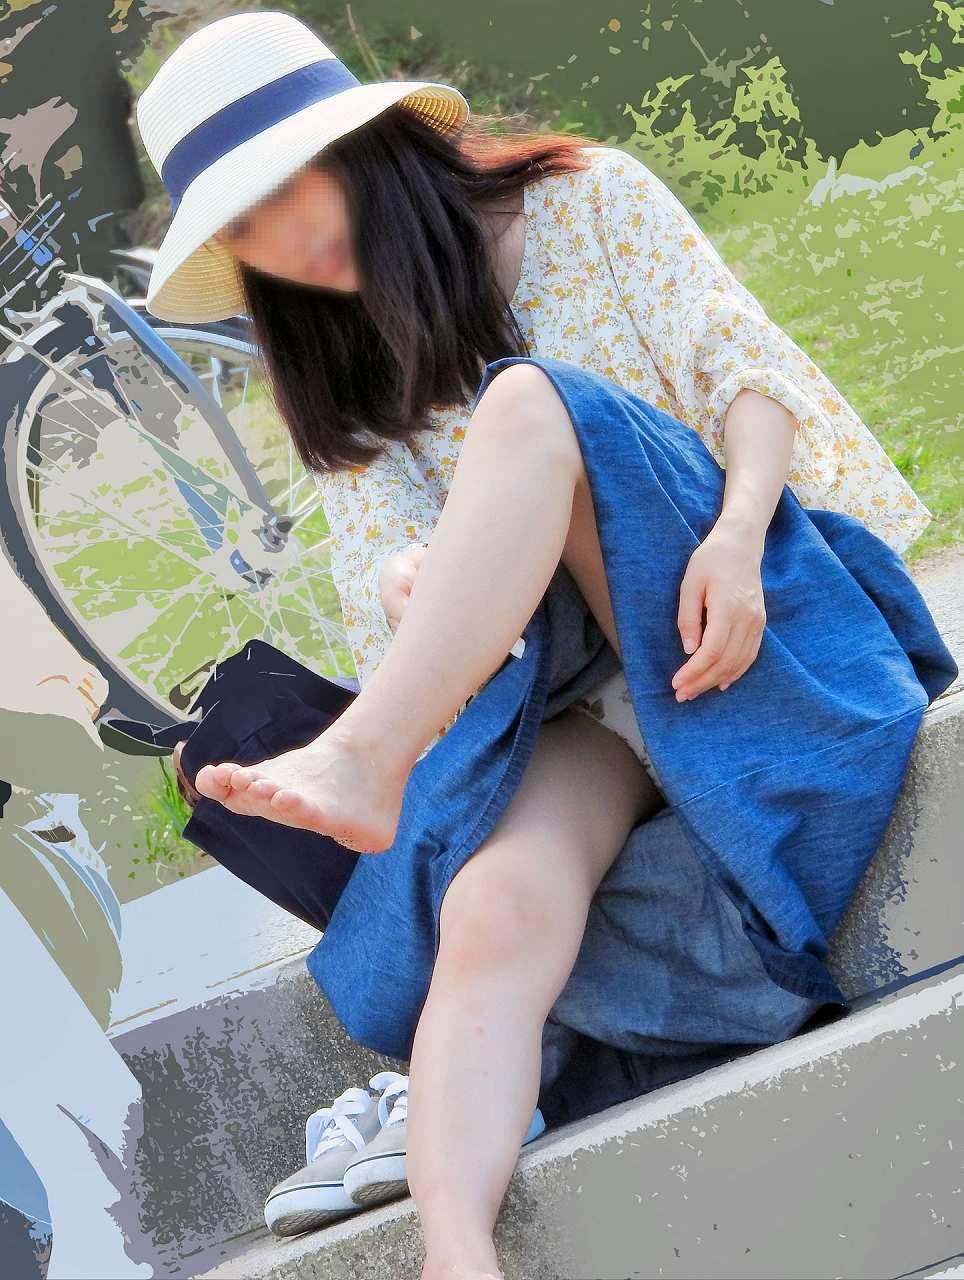 街中でパンチラしまくる素人女子 (9)